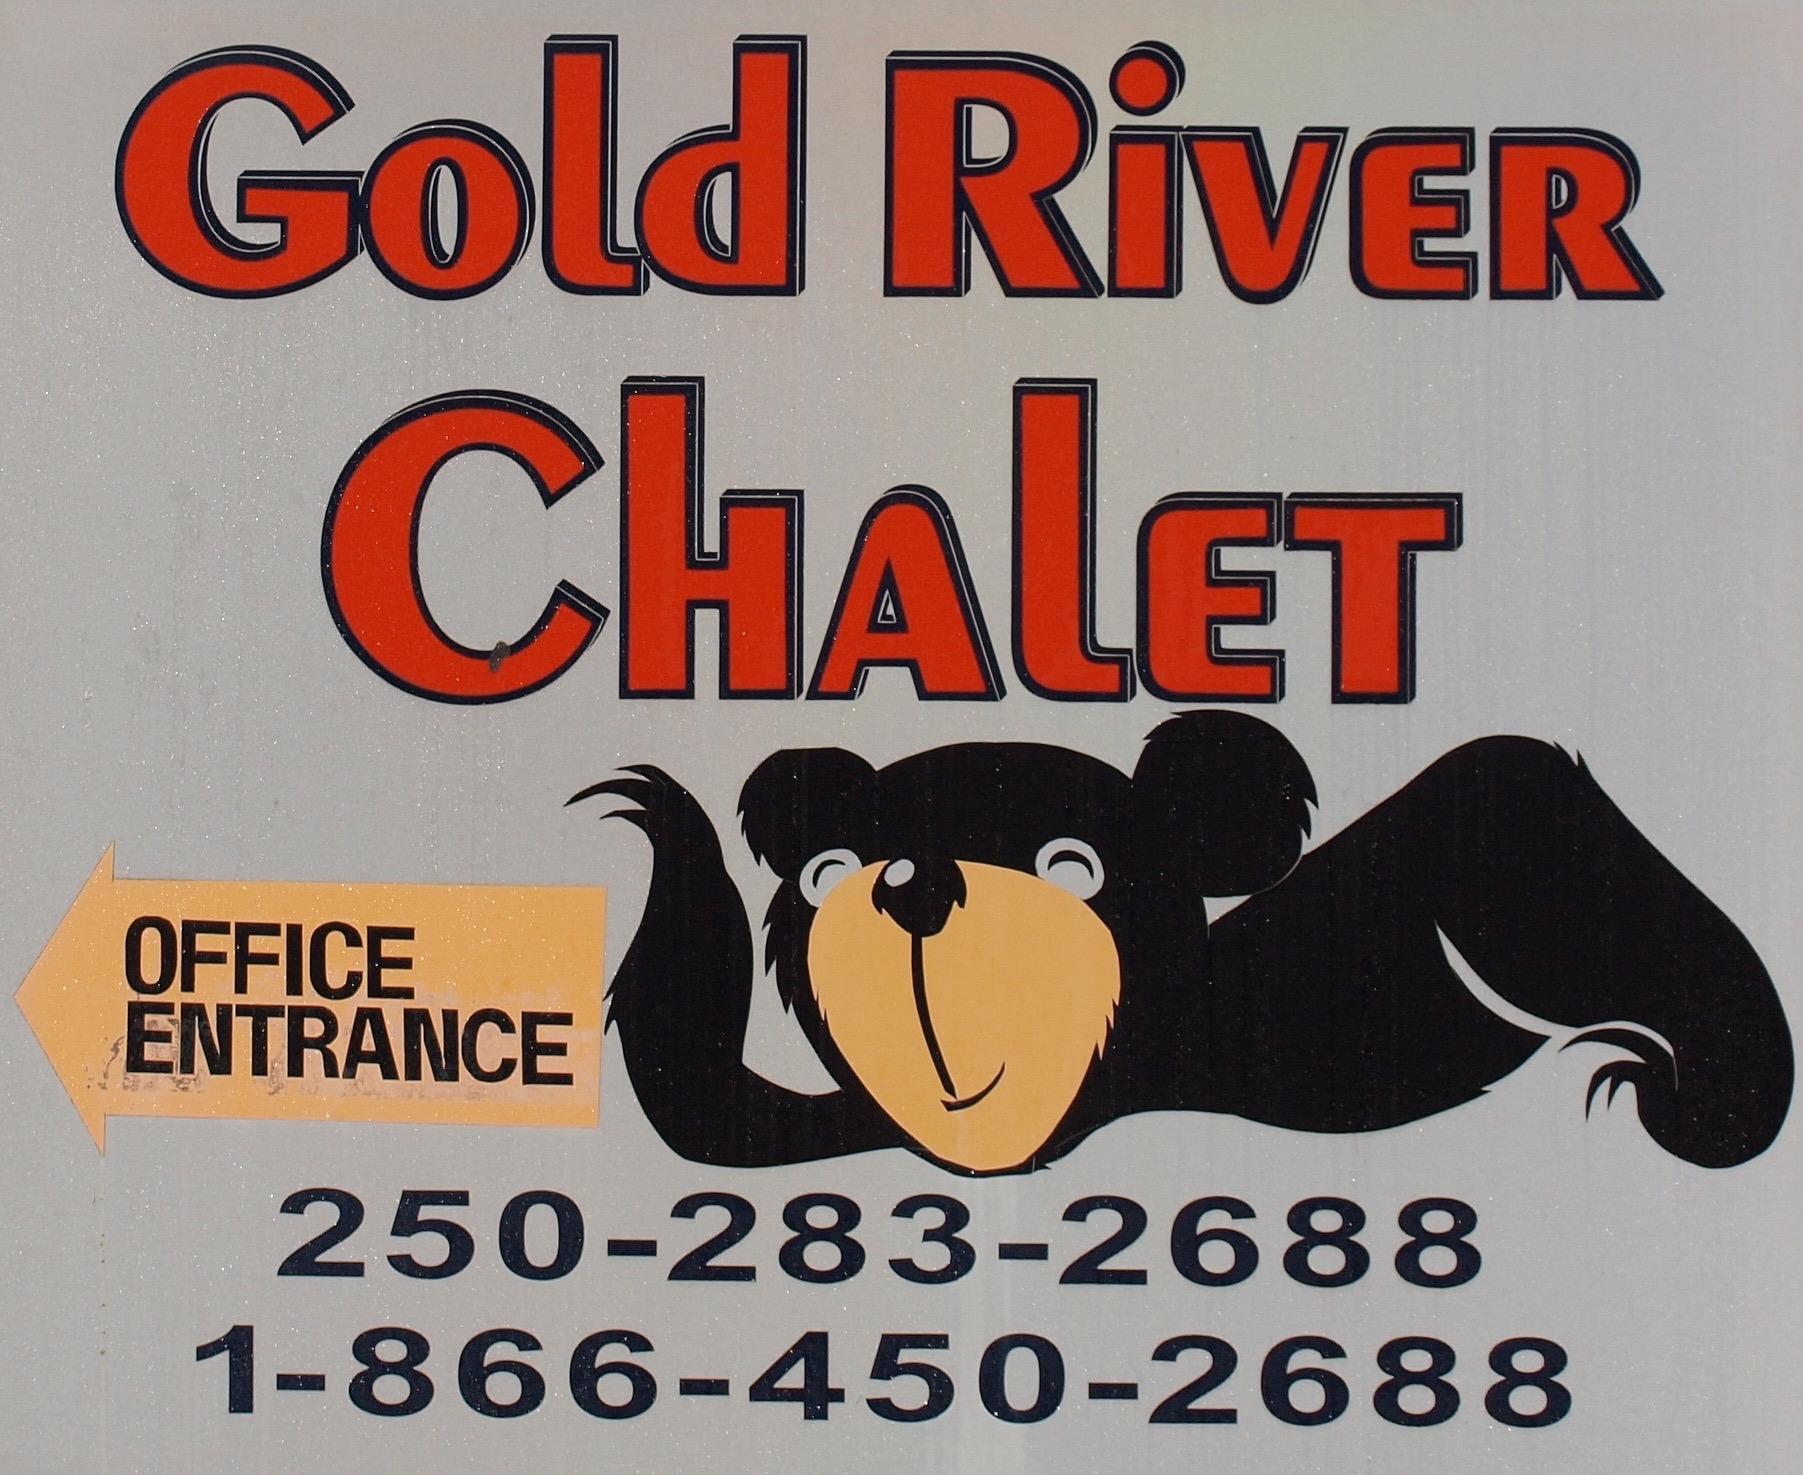 Gold River Chalet - Gold River